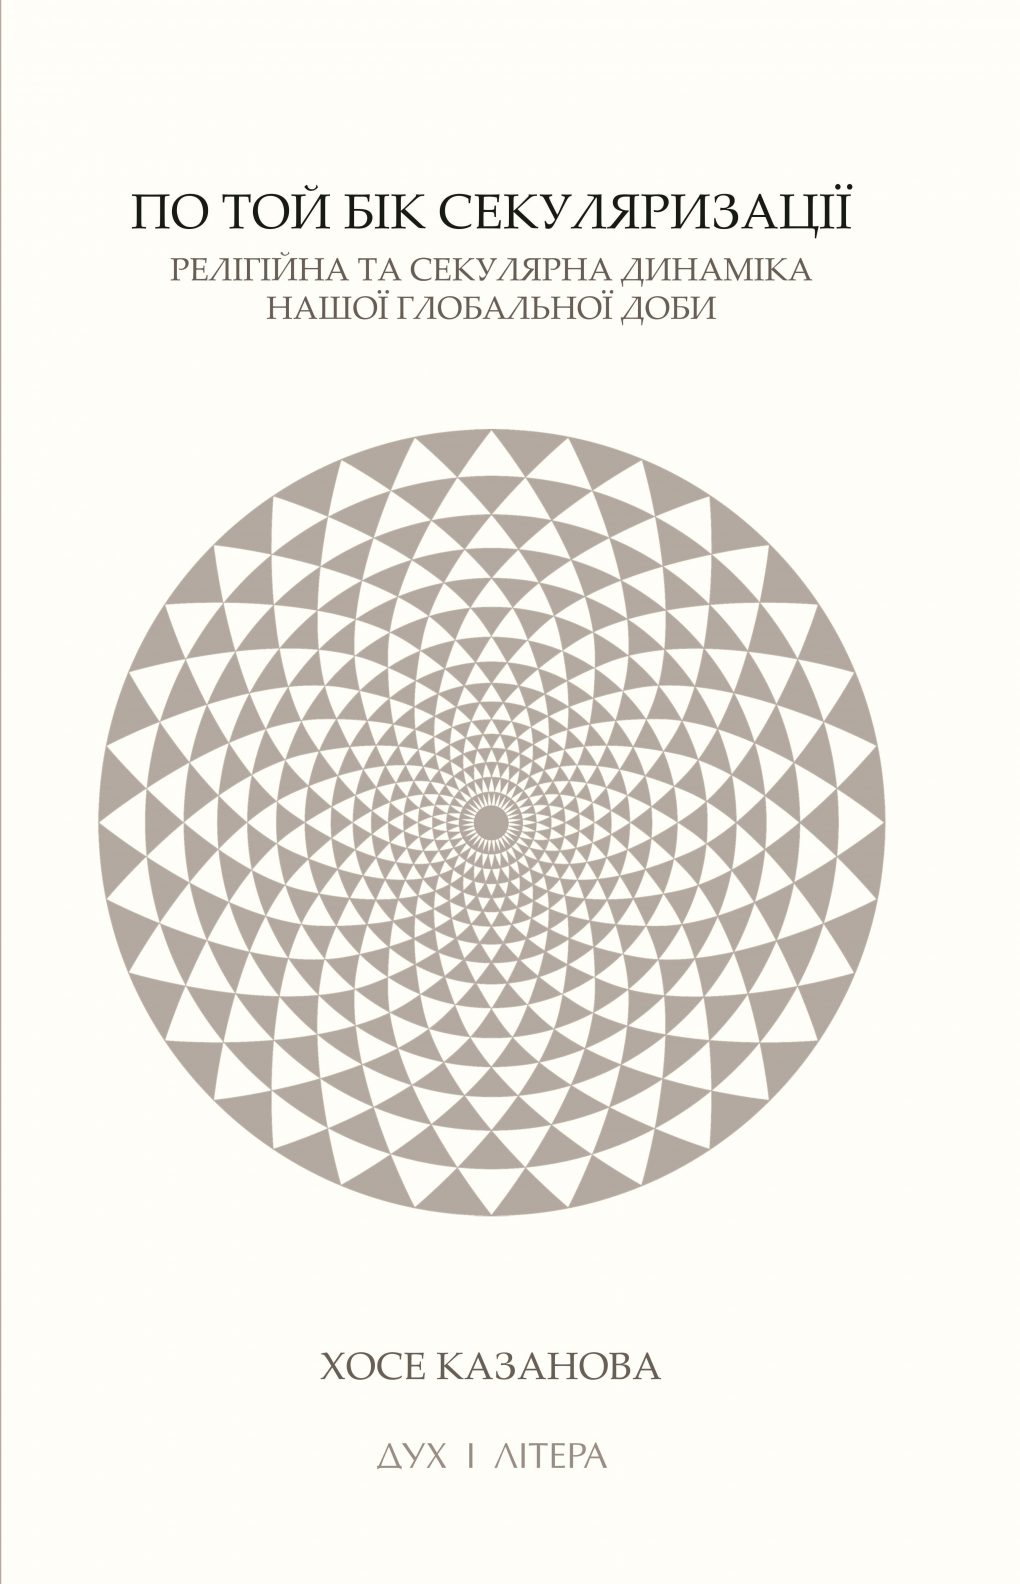 Рецензія  на книгу Хосе Казанова. По той бік секуляризації: релігійна та секулярна динаміка нашої глобальної доби